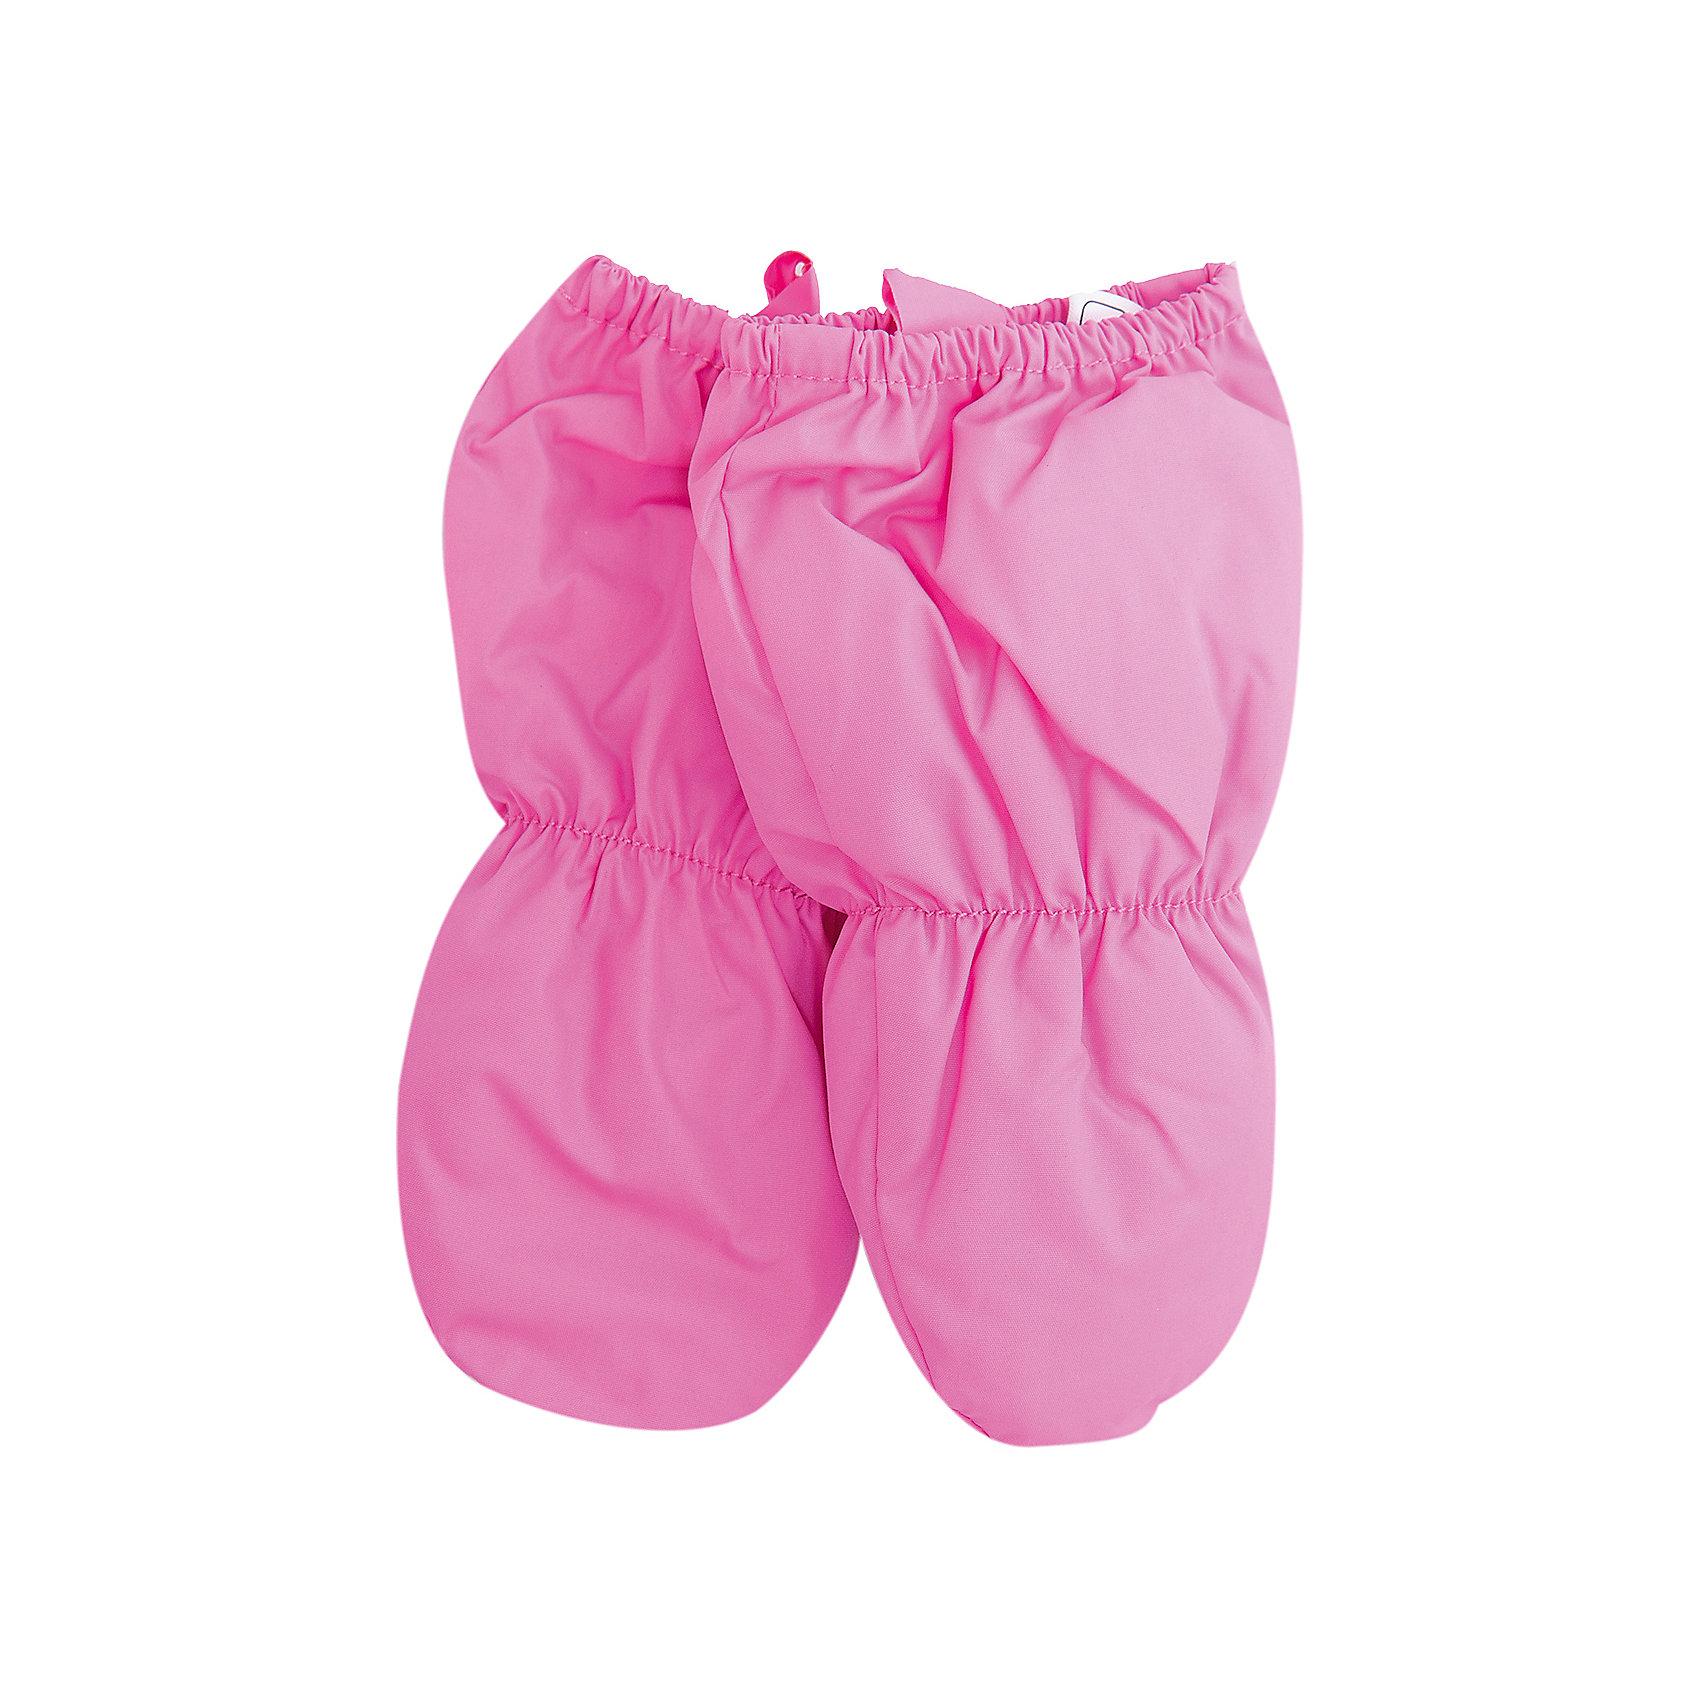 Варежки для девочки LASSIEВарежки для девочки от финской марки LASSIE (Ласси).<br>Зимние рукавицы .Утеплитель 80 гр. Подкладка из флиса.<br><br>Дополнительная информация:<br><br>Состав: 100% полиэстер<br><br>Варежки для девочки LASSIE (Ласси) можно купить в нашем магазине.<br><br>Ширина мм: 162<br>Глубина мм: 171<br>Высота мм: 55<br>Вес г: 119<br>Цвет: розовый<br>Возраст от месяцев: 0<br>Возраст до месяцев: 6<br>Пол: Женский<br>Возраст: Детский<br>Размер: one size<br>SKU: 4218228